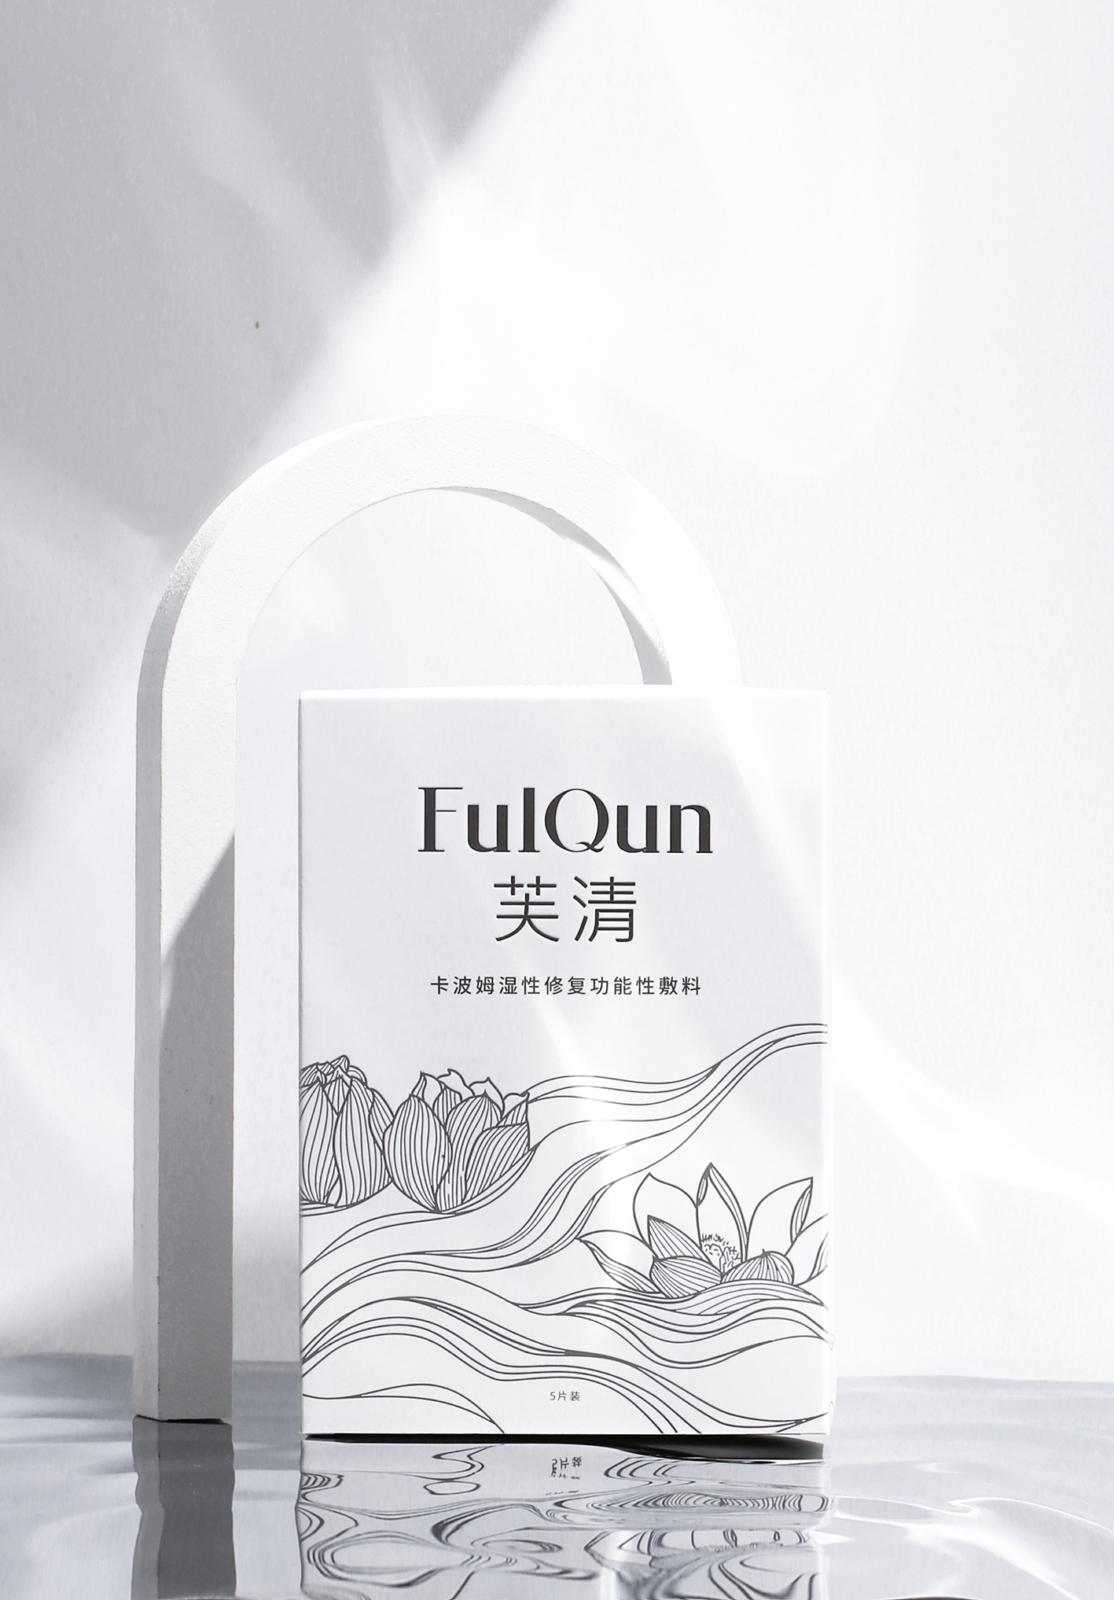 Fulqun - Un design pensé par l'agence de design de Paris Partisan du Sens.